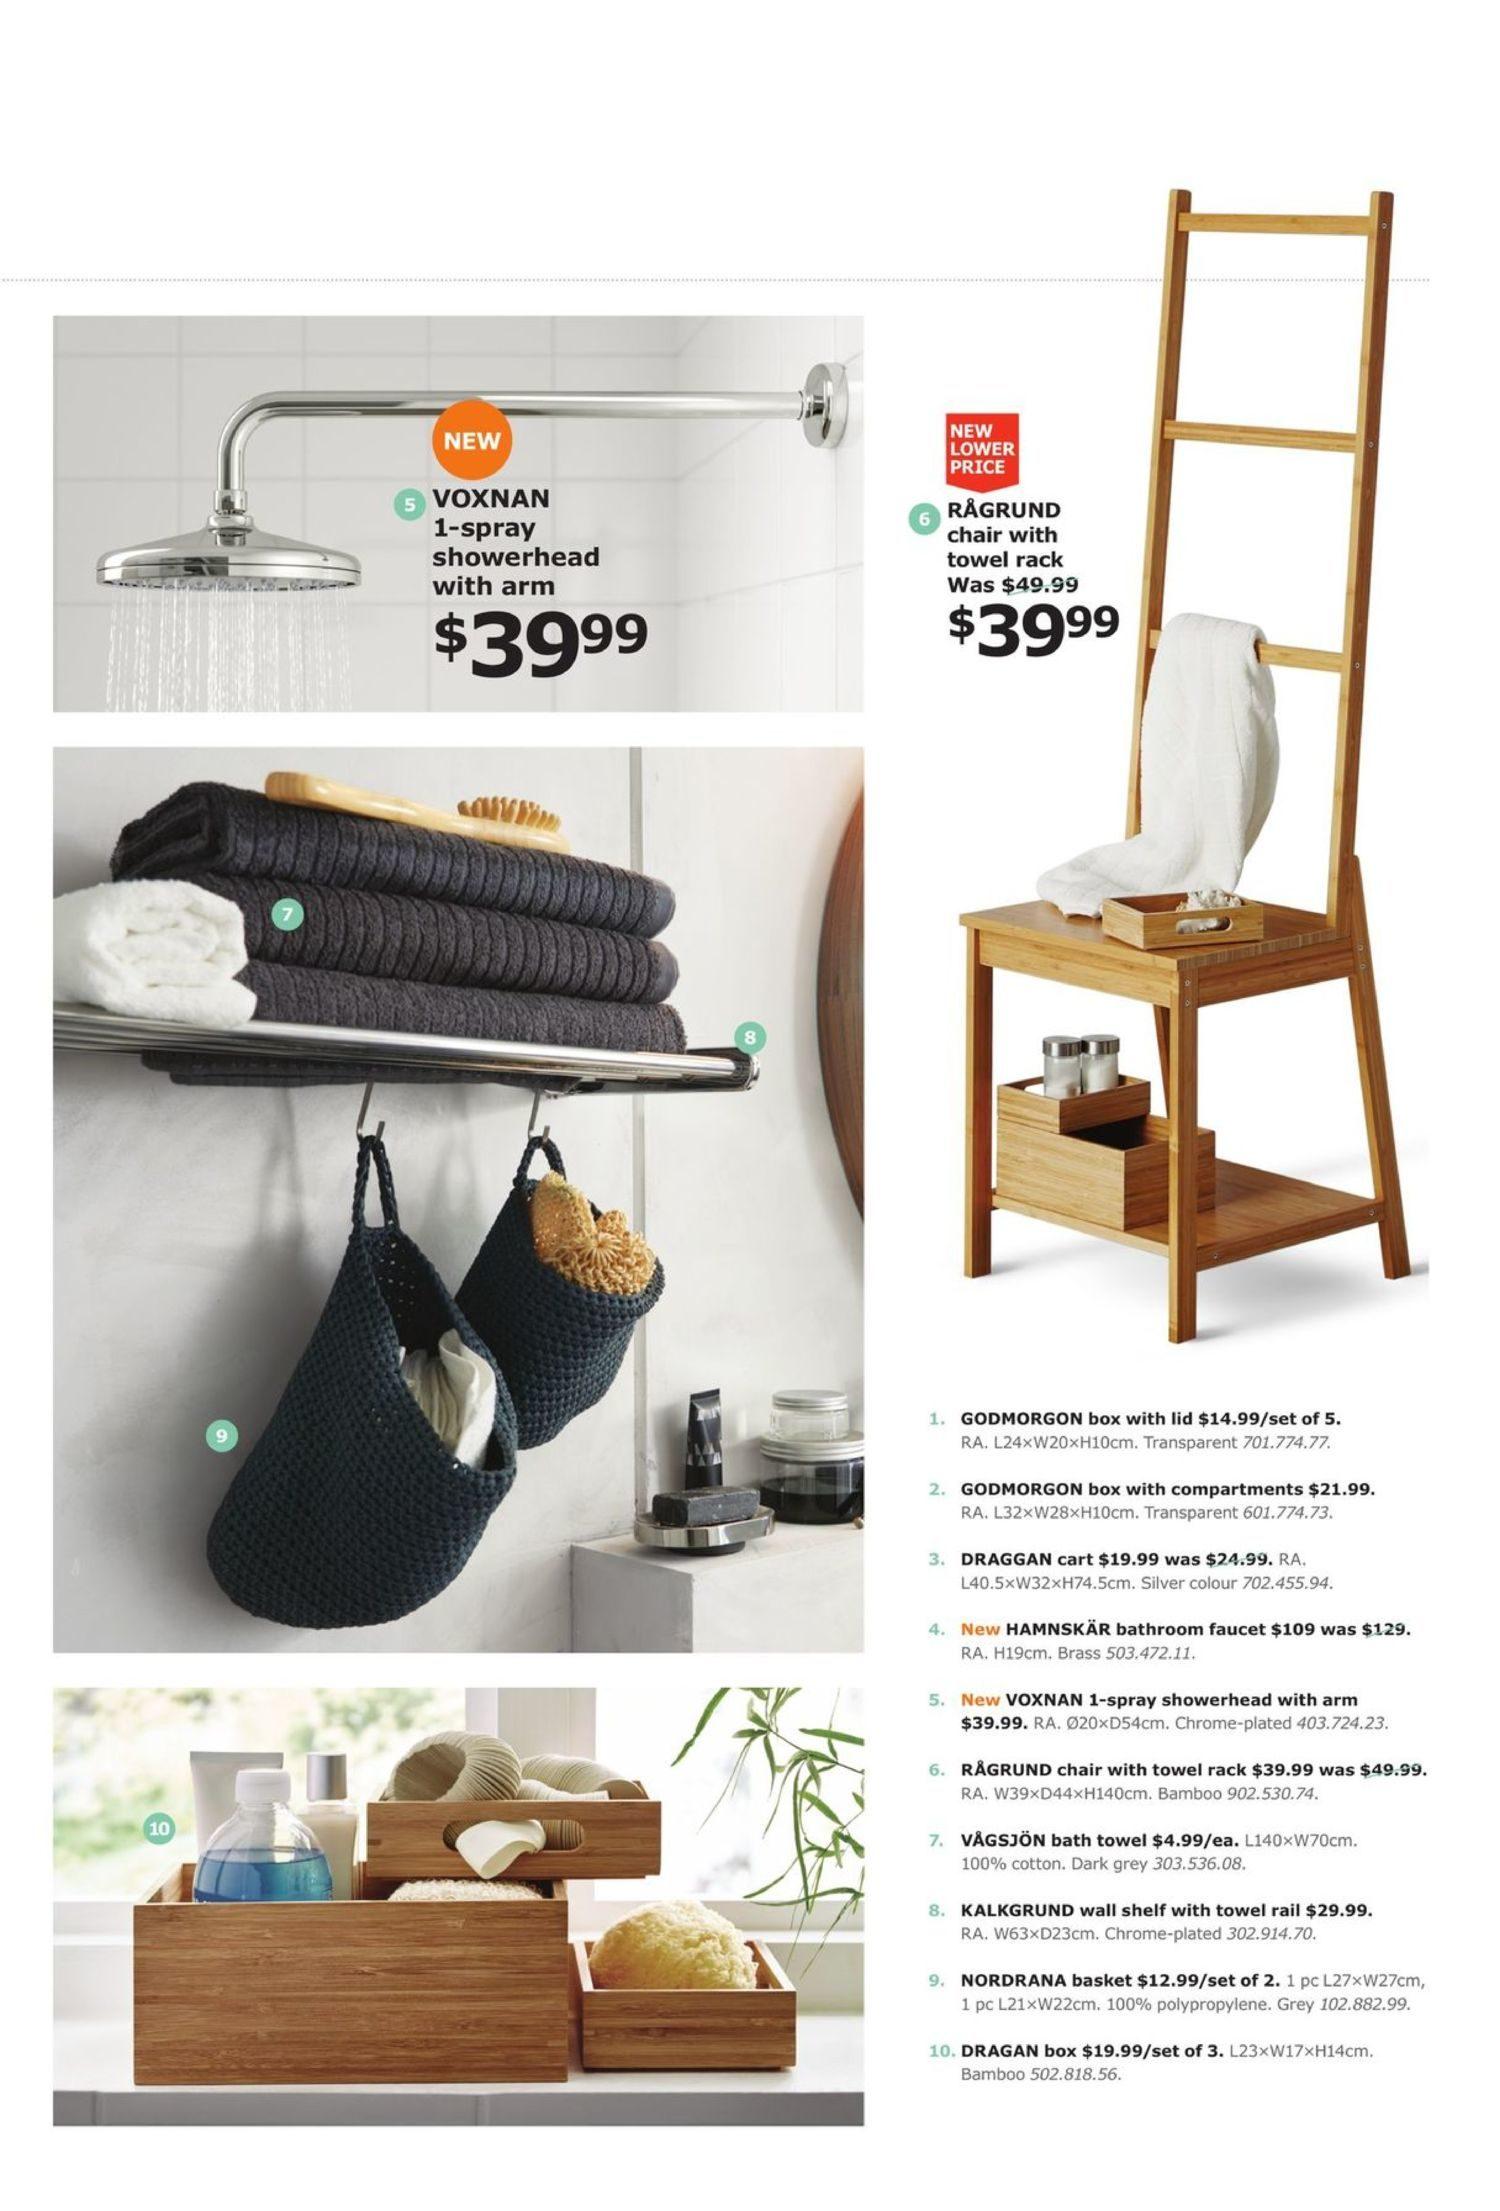 IKEA Weekly Flyer - The Bathroom Event - Jun 25 – Jul 9